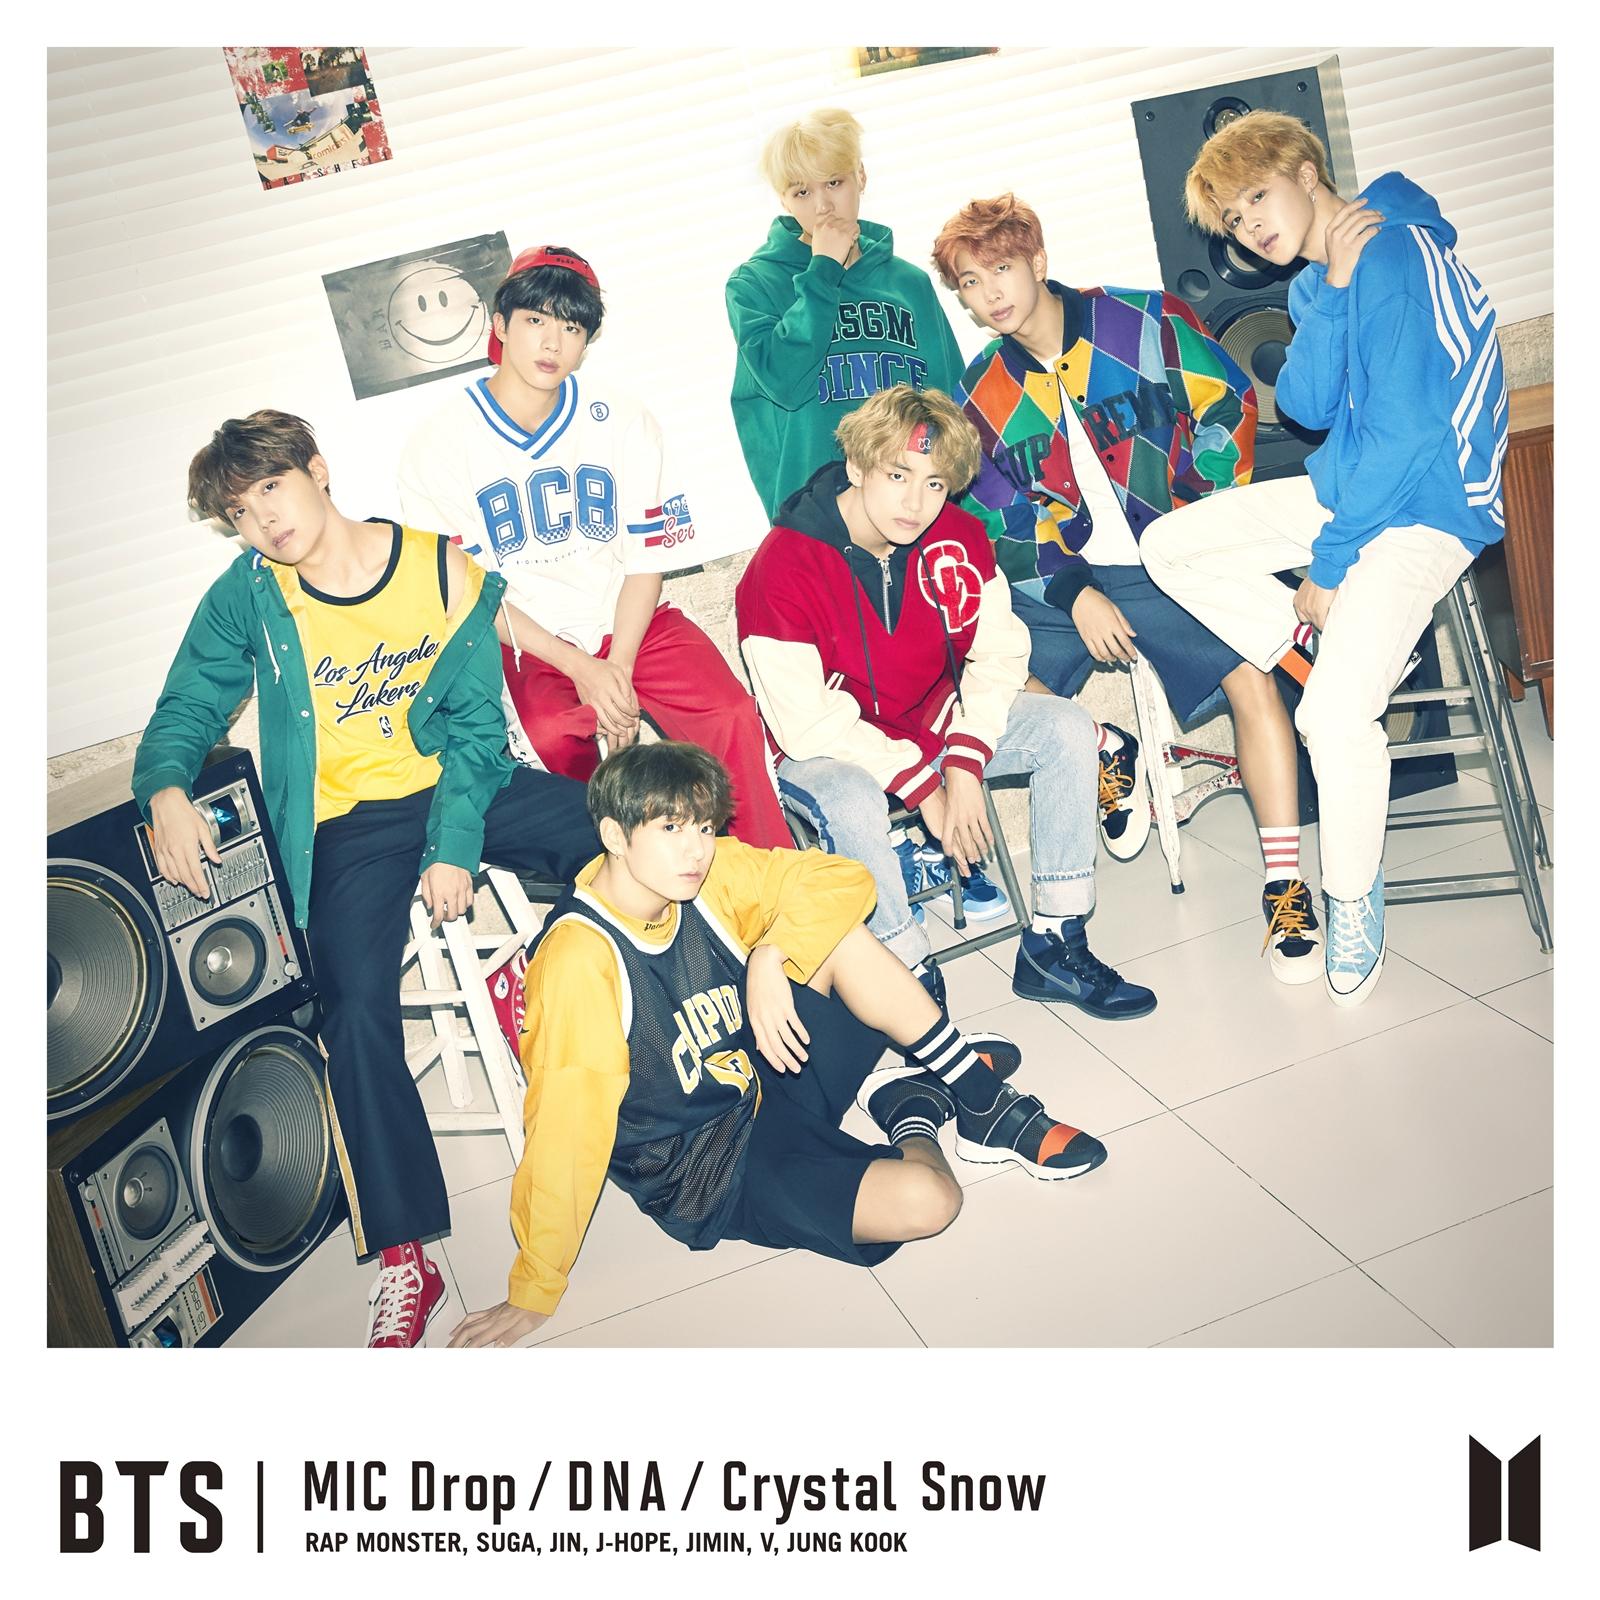 방탄소년단, 'MIC Drop/DNA/Crystal Snow' 日 오리콘 차트 1위 '기염'